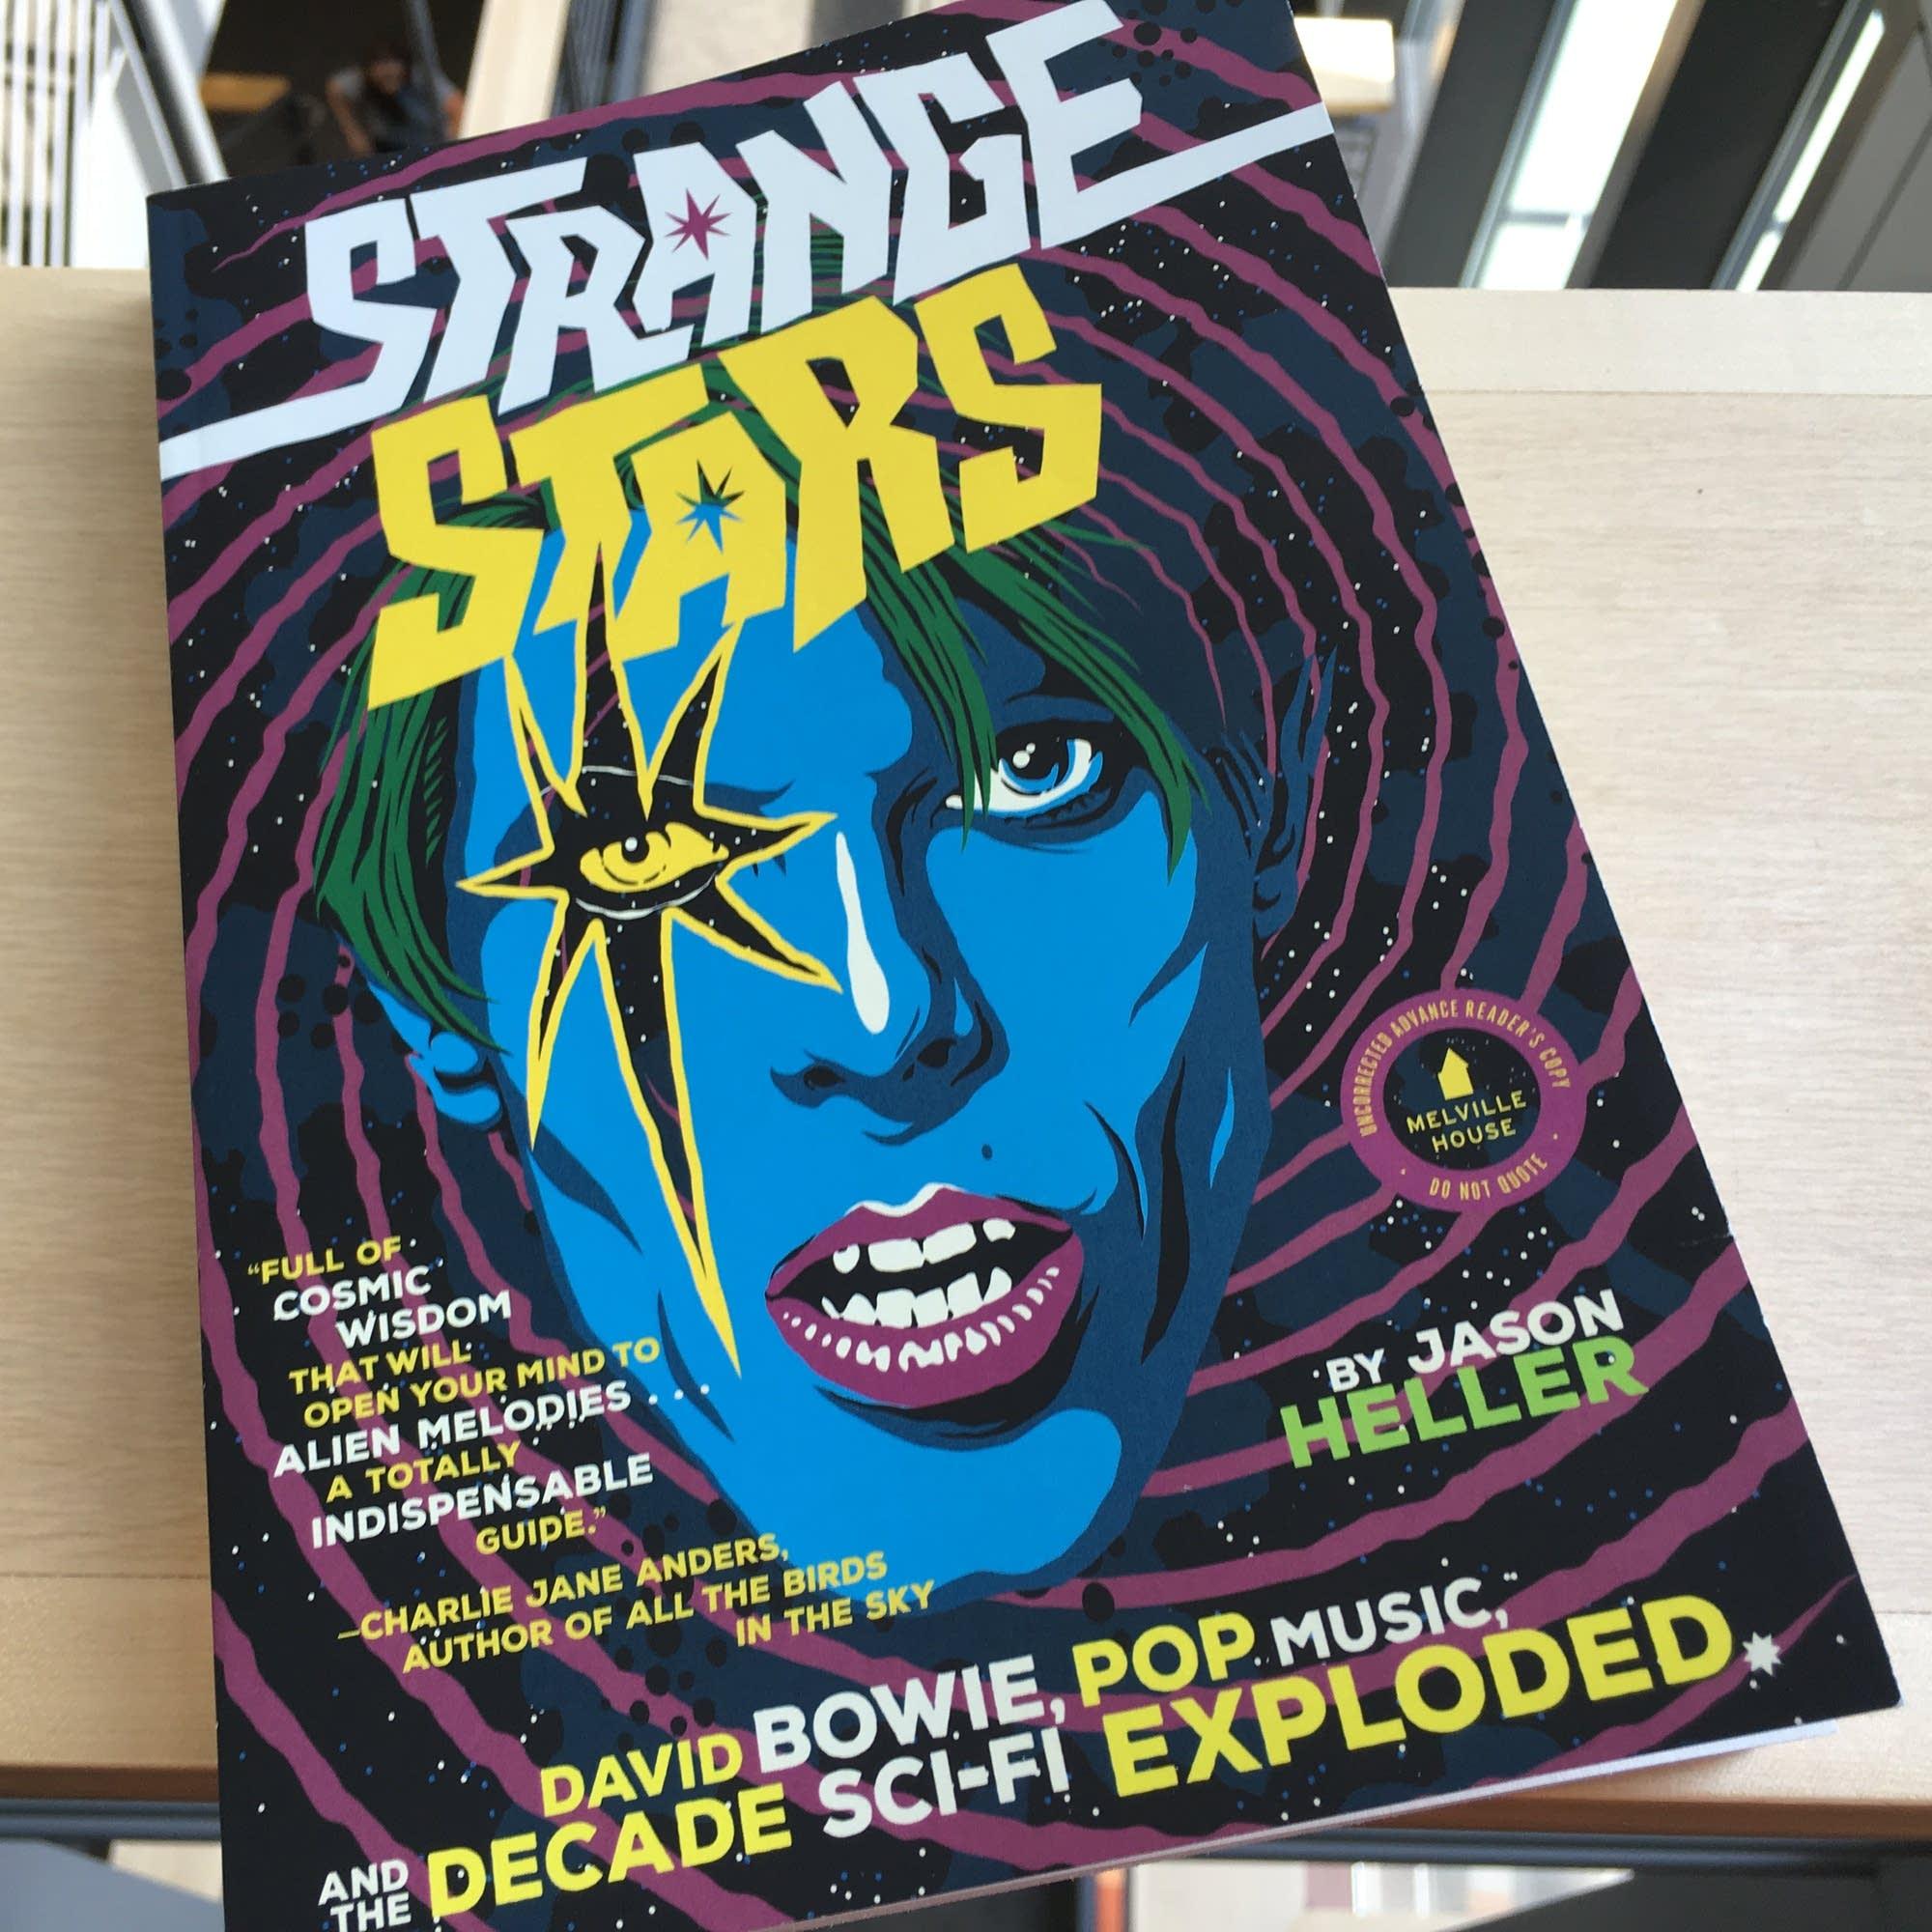 Jason Heller's 'Strange Stars.'